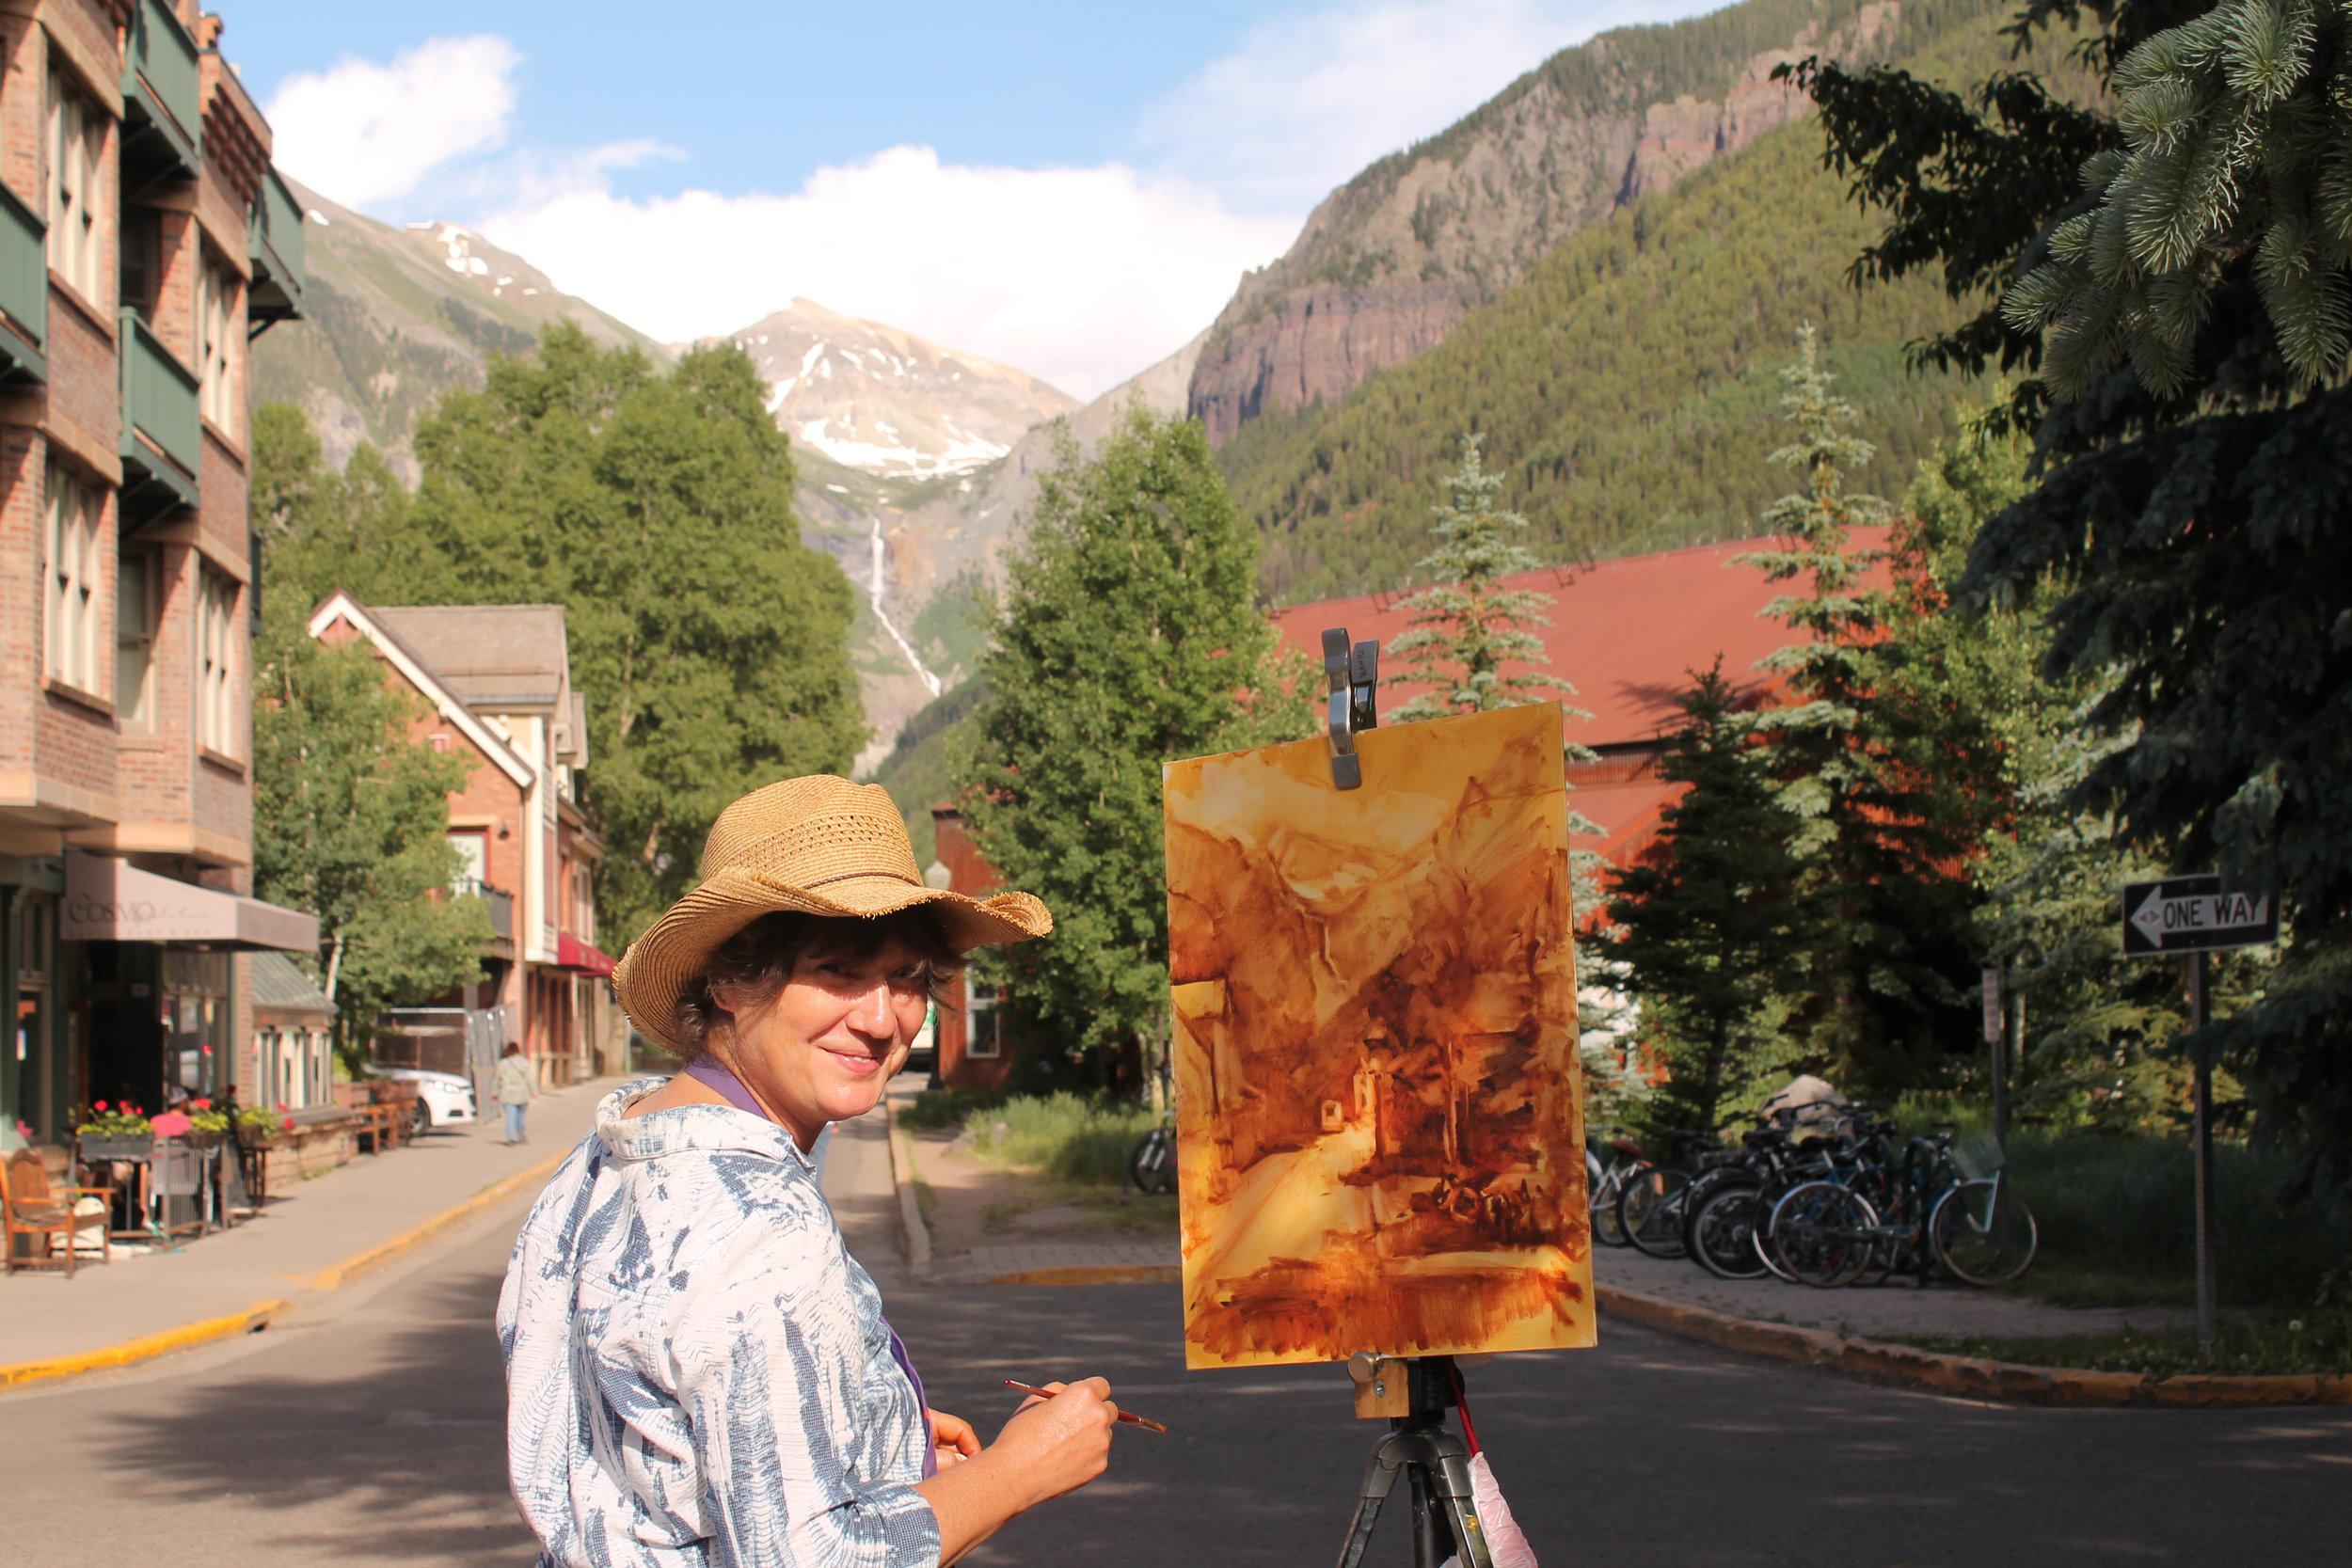 Me Painting In Telluride